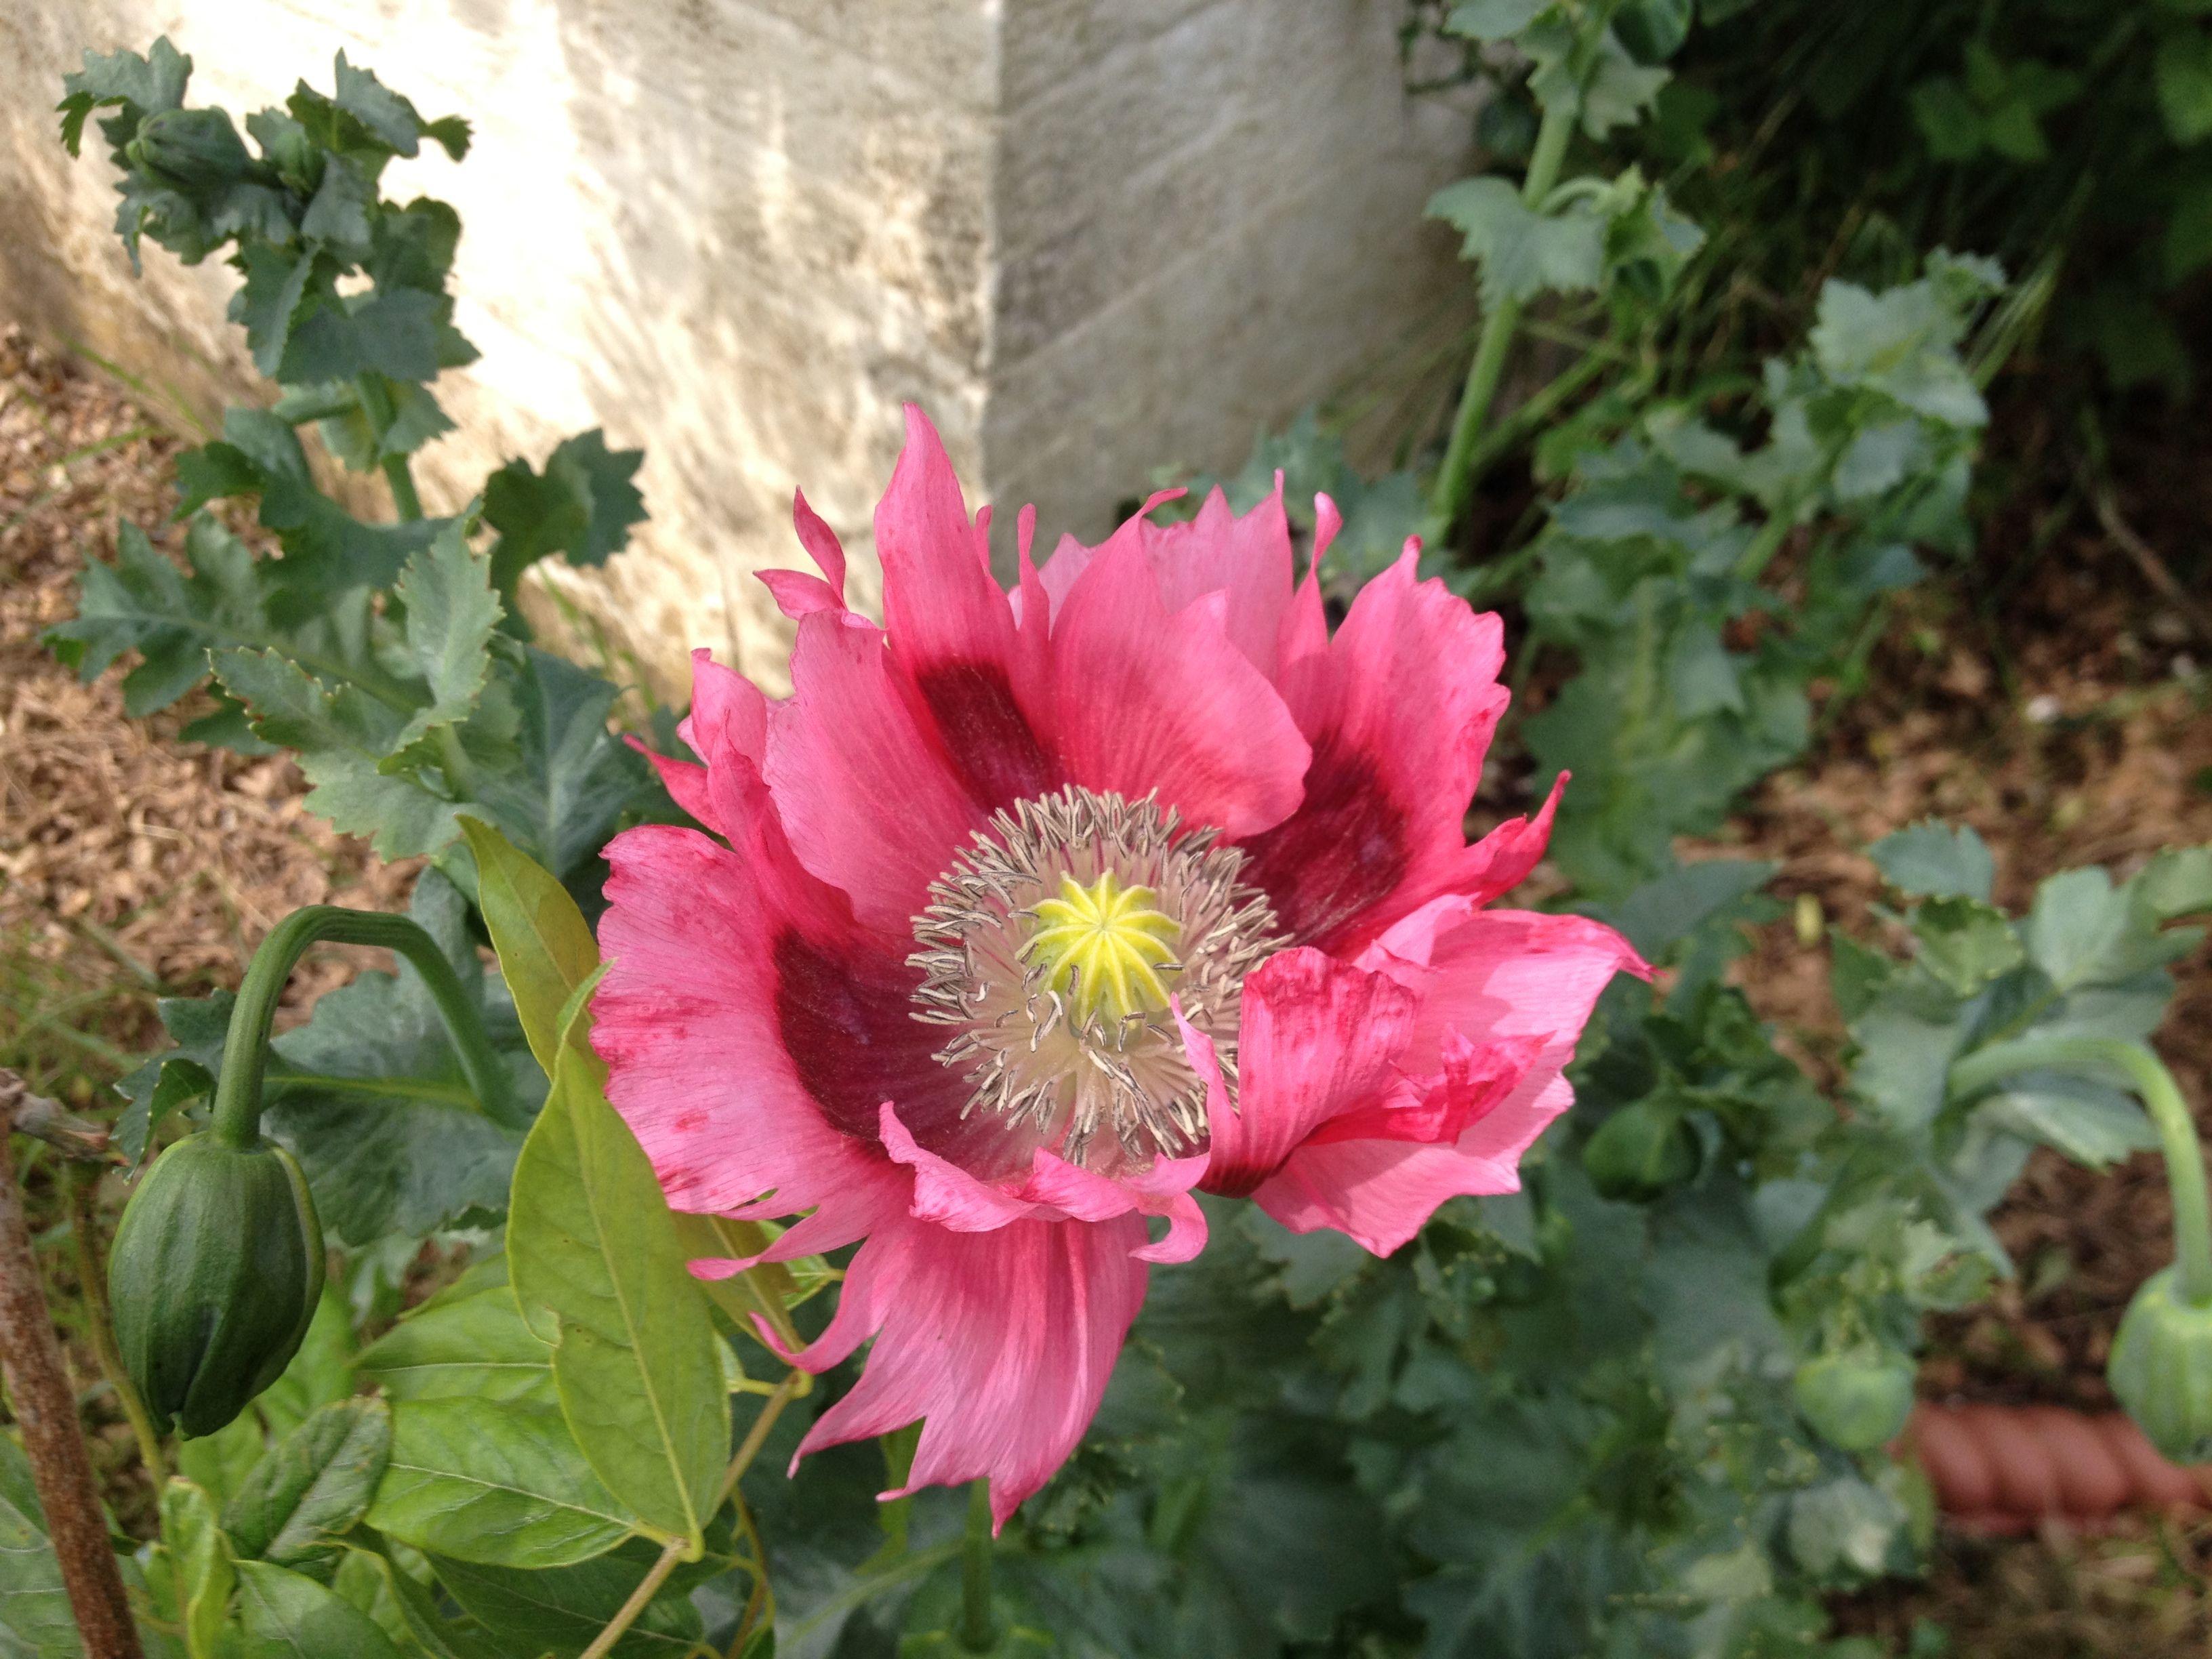 Poppy in our garden.